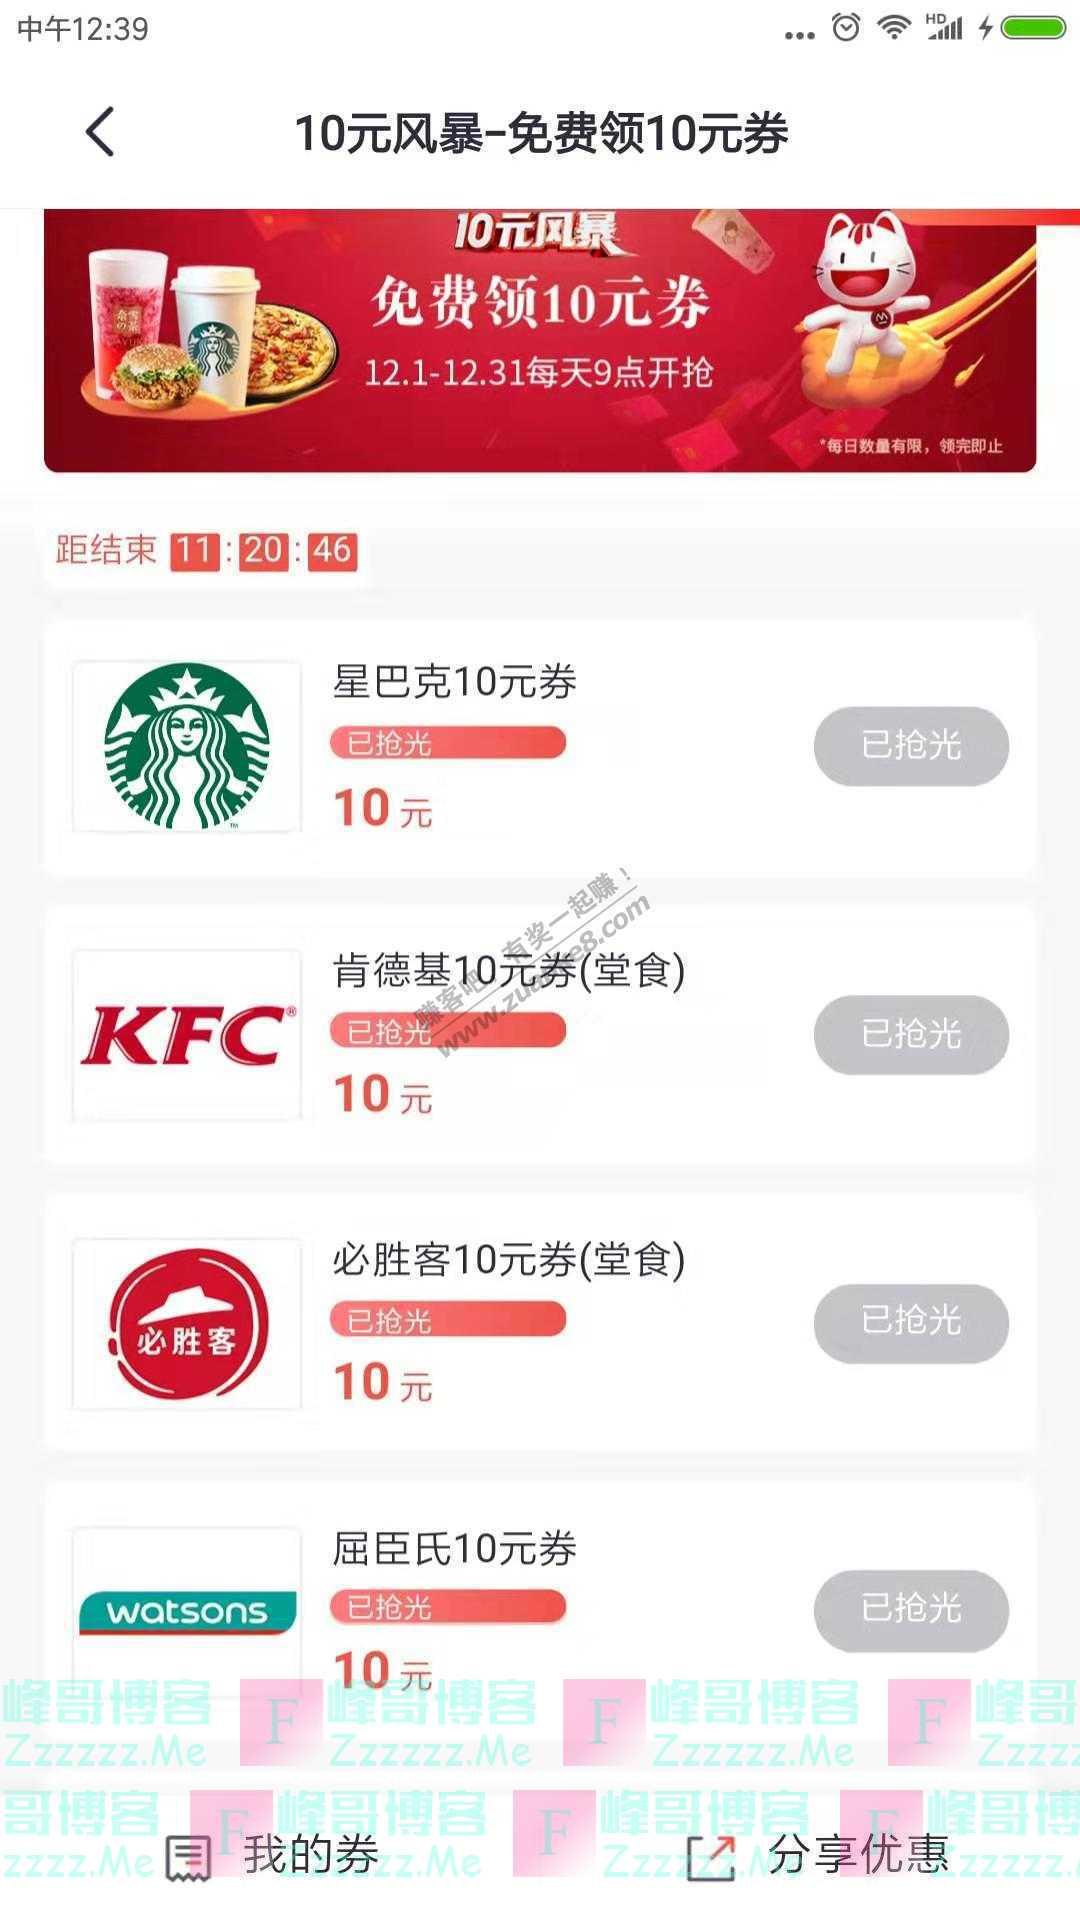 掌上生活app免费领10元券(截止12月31日)